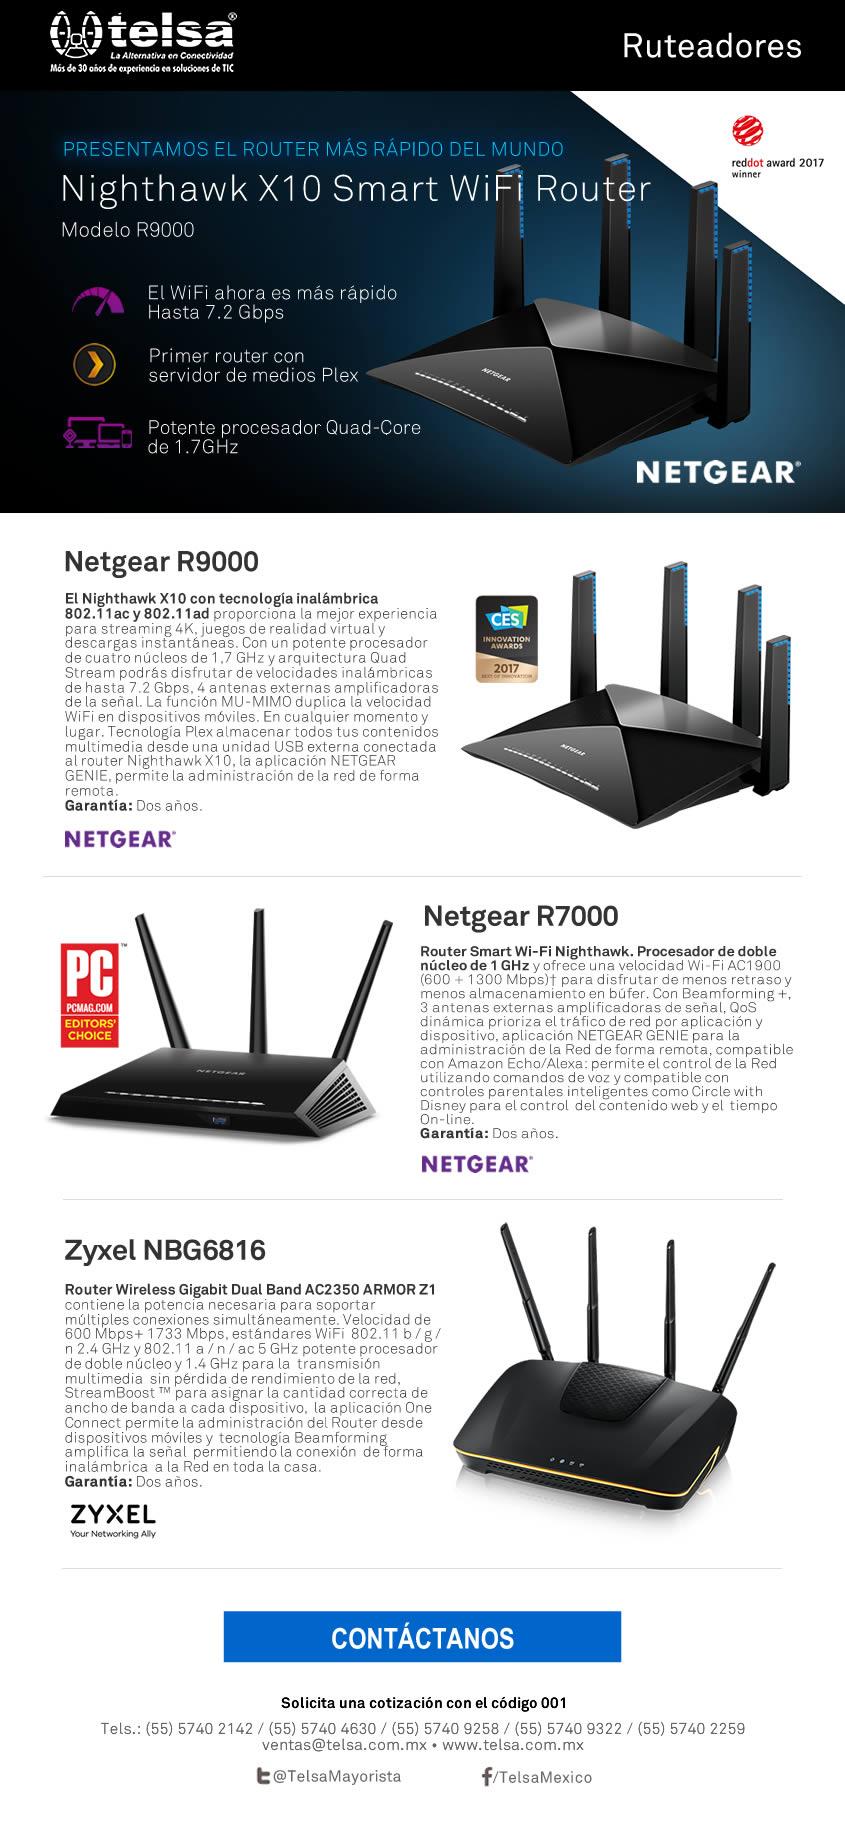 Presentamos el router más rápido del mundo